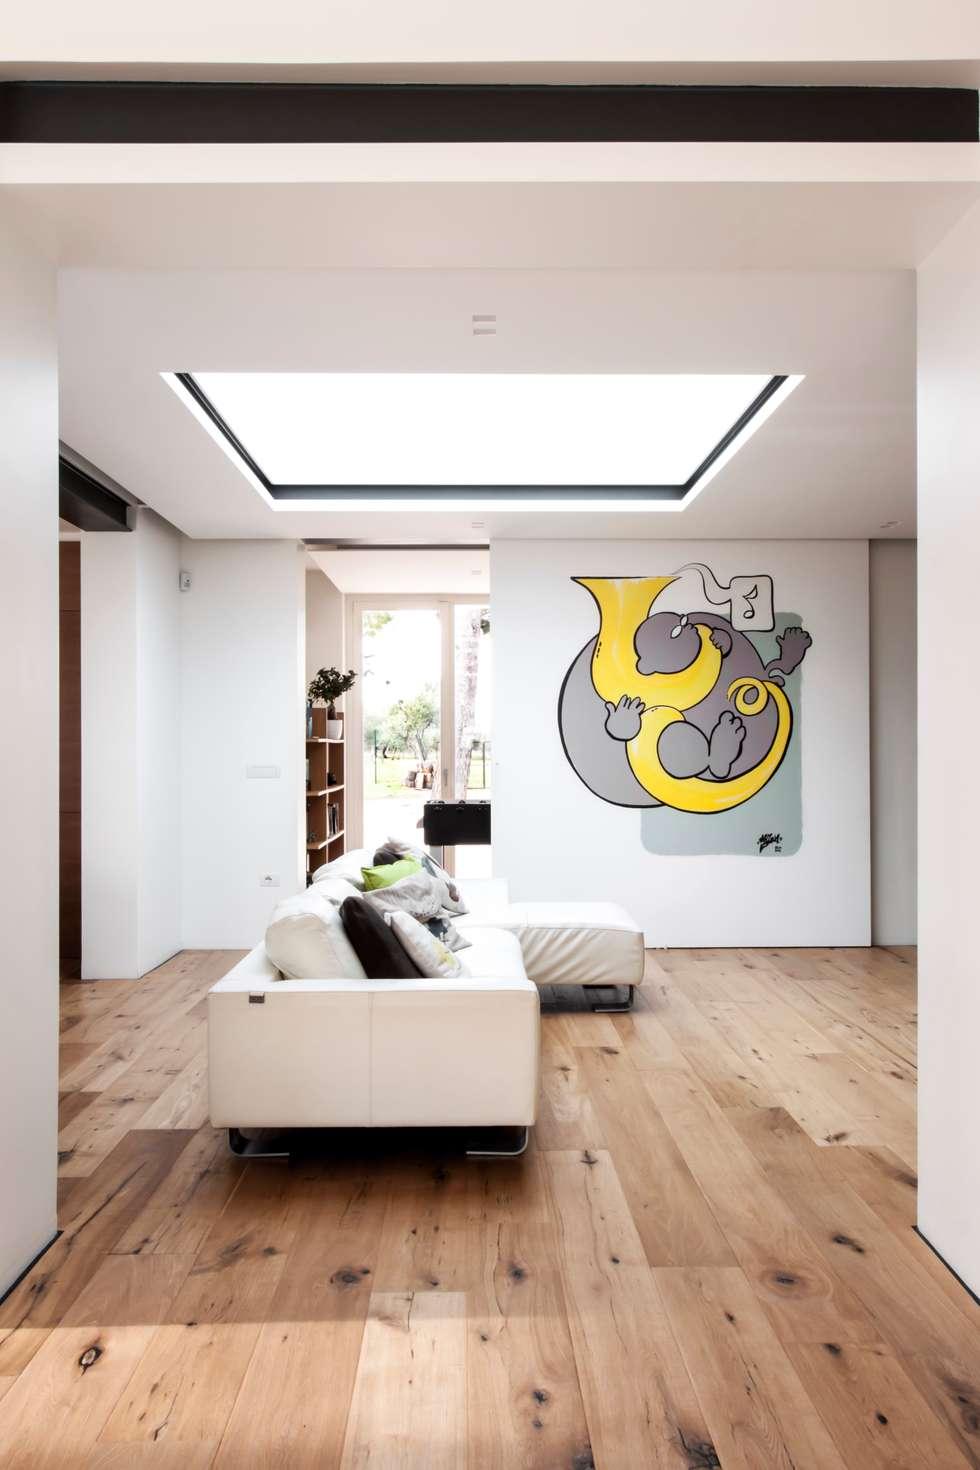 Foto di finestre & porte in stile in stile moderno : villa pnk ...